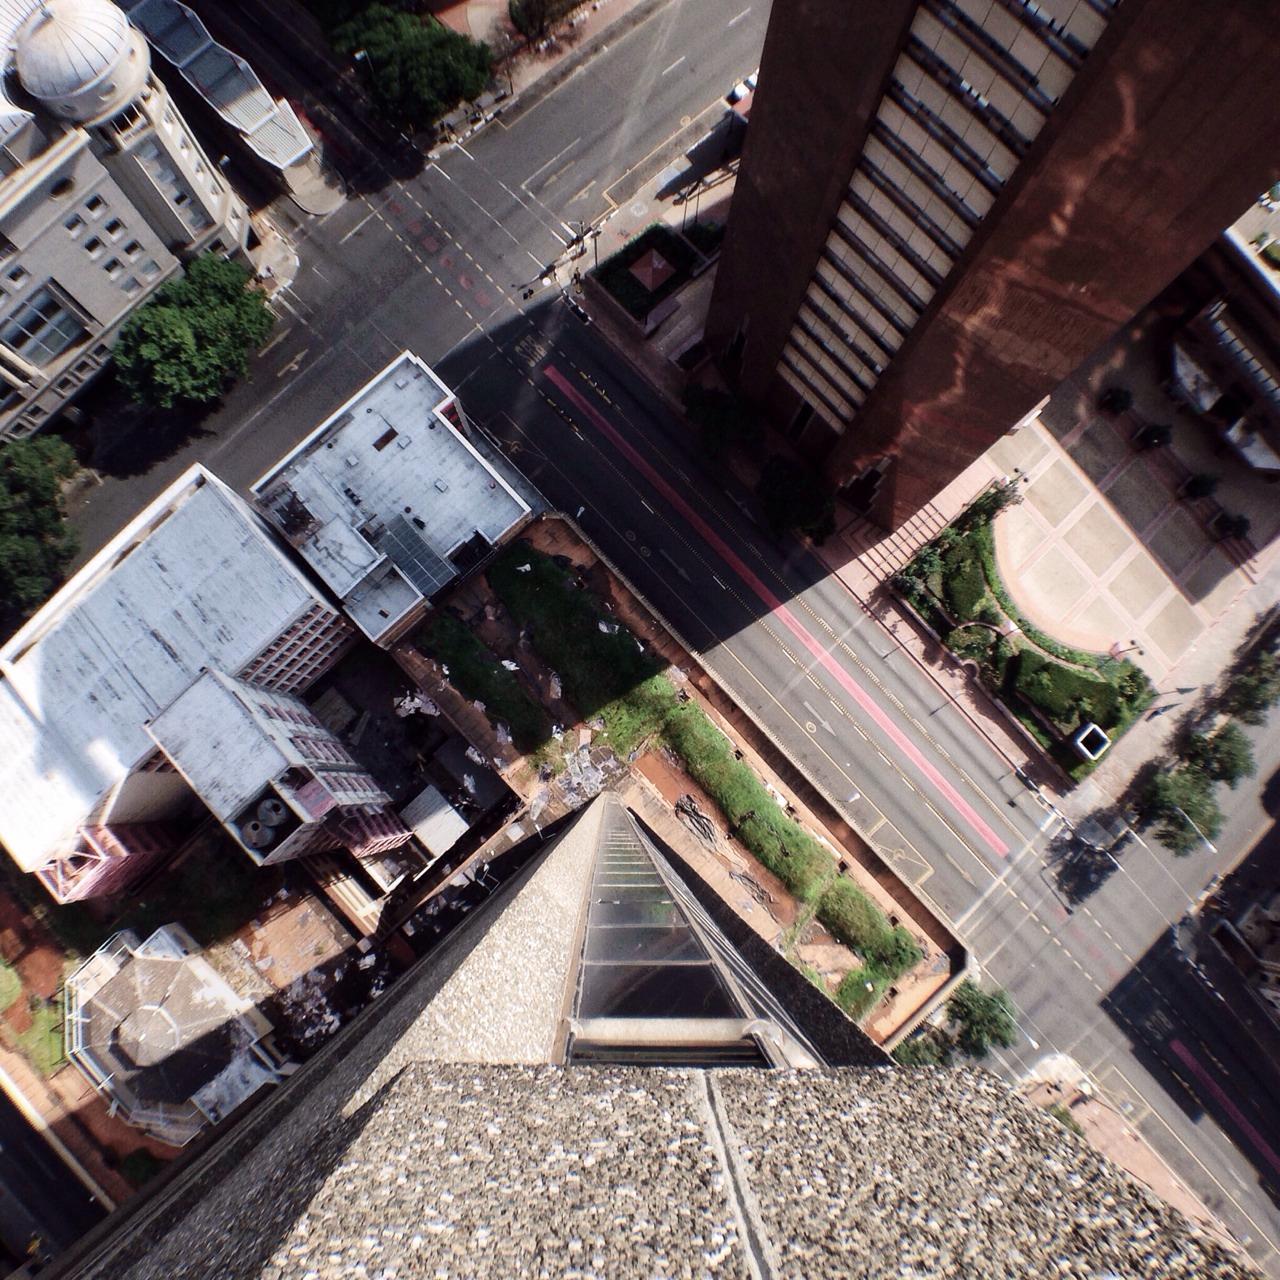 Downtown Jozi || #explorejozigram